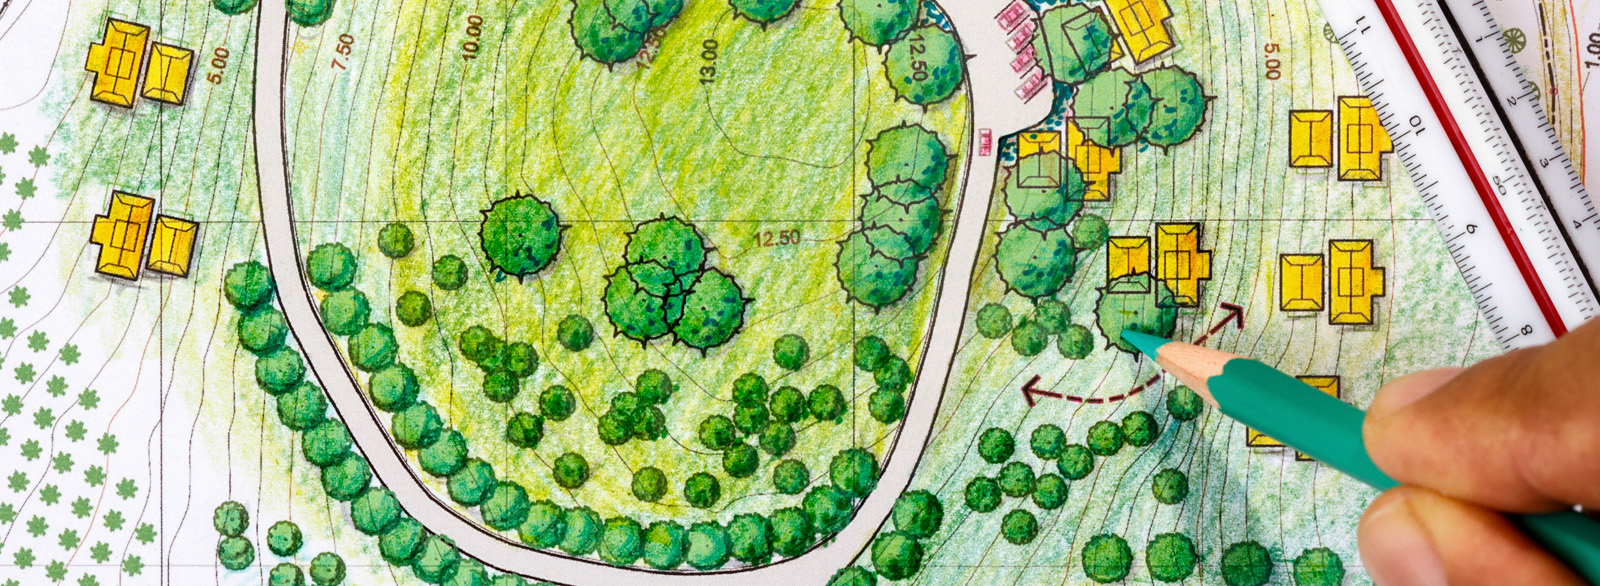 curso de jardinera y paisajismo